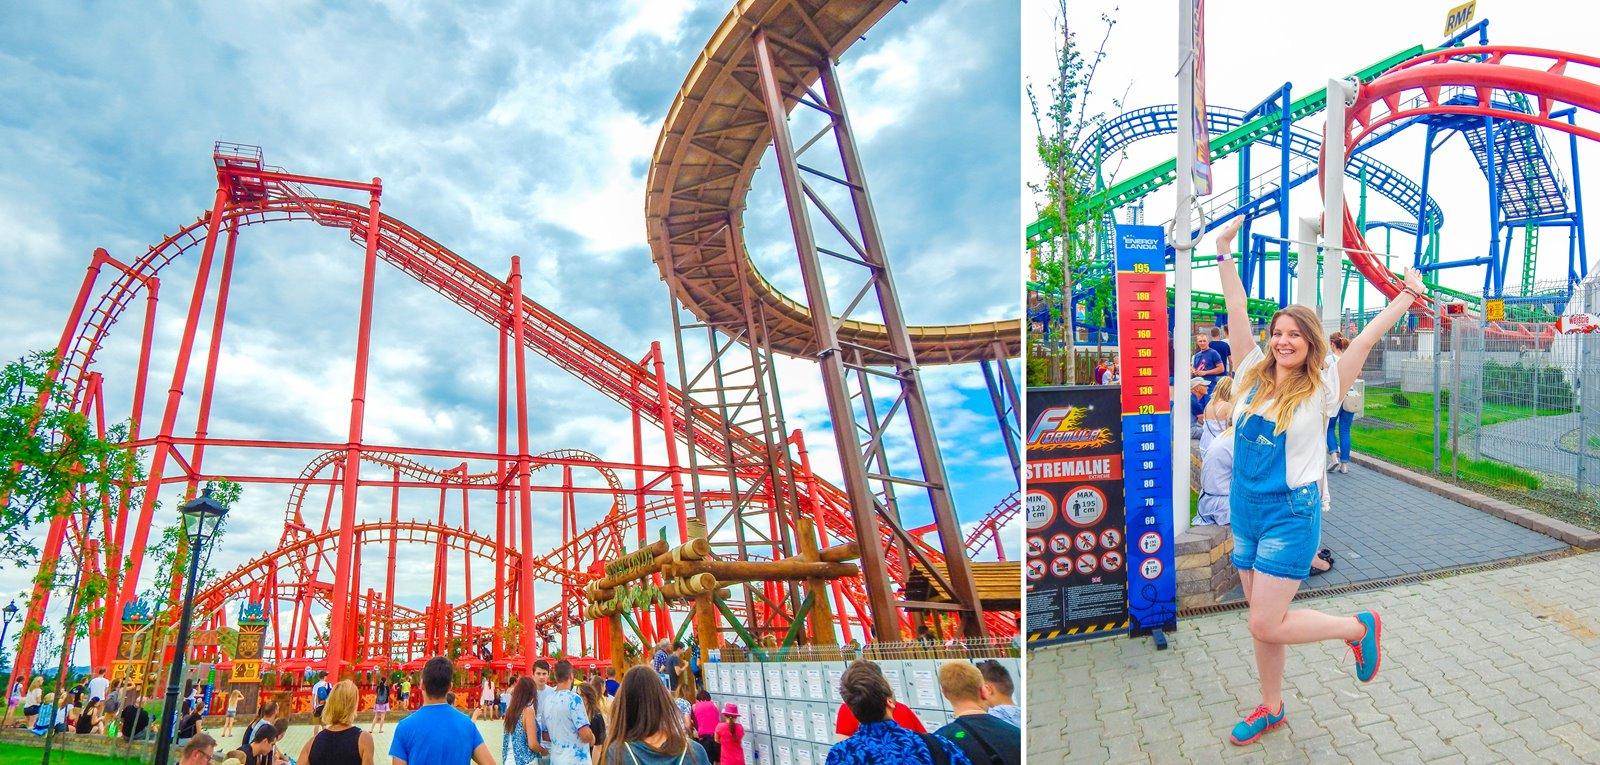 5 enerylandia atrakcje dla rodzin dla dzieci dla starszych czy warto ile kosztuje bilet jak dojechać recenzja opinie strach boję się roller coaster karuzele strefa wodna speed water coster pokazy lista